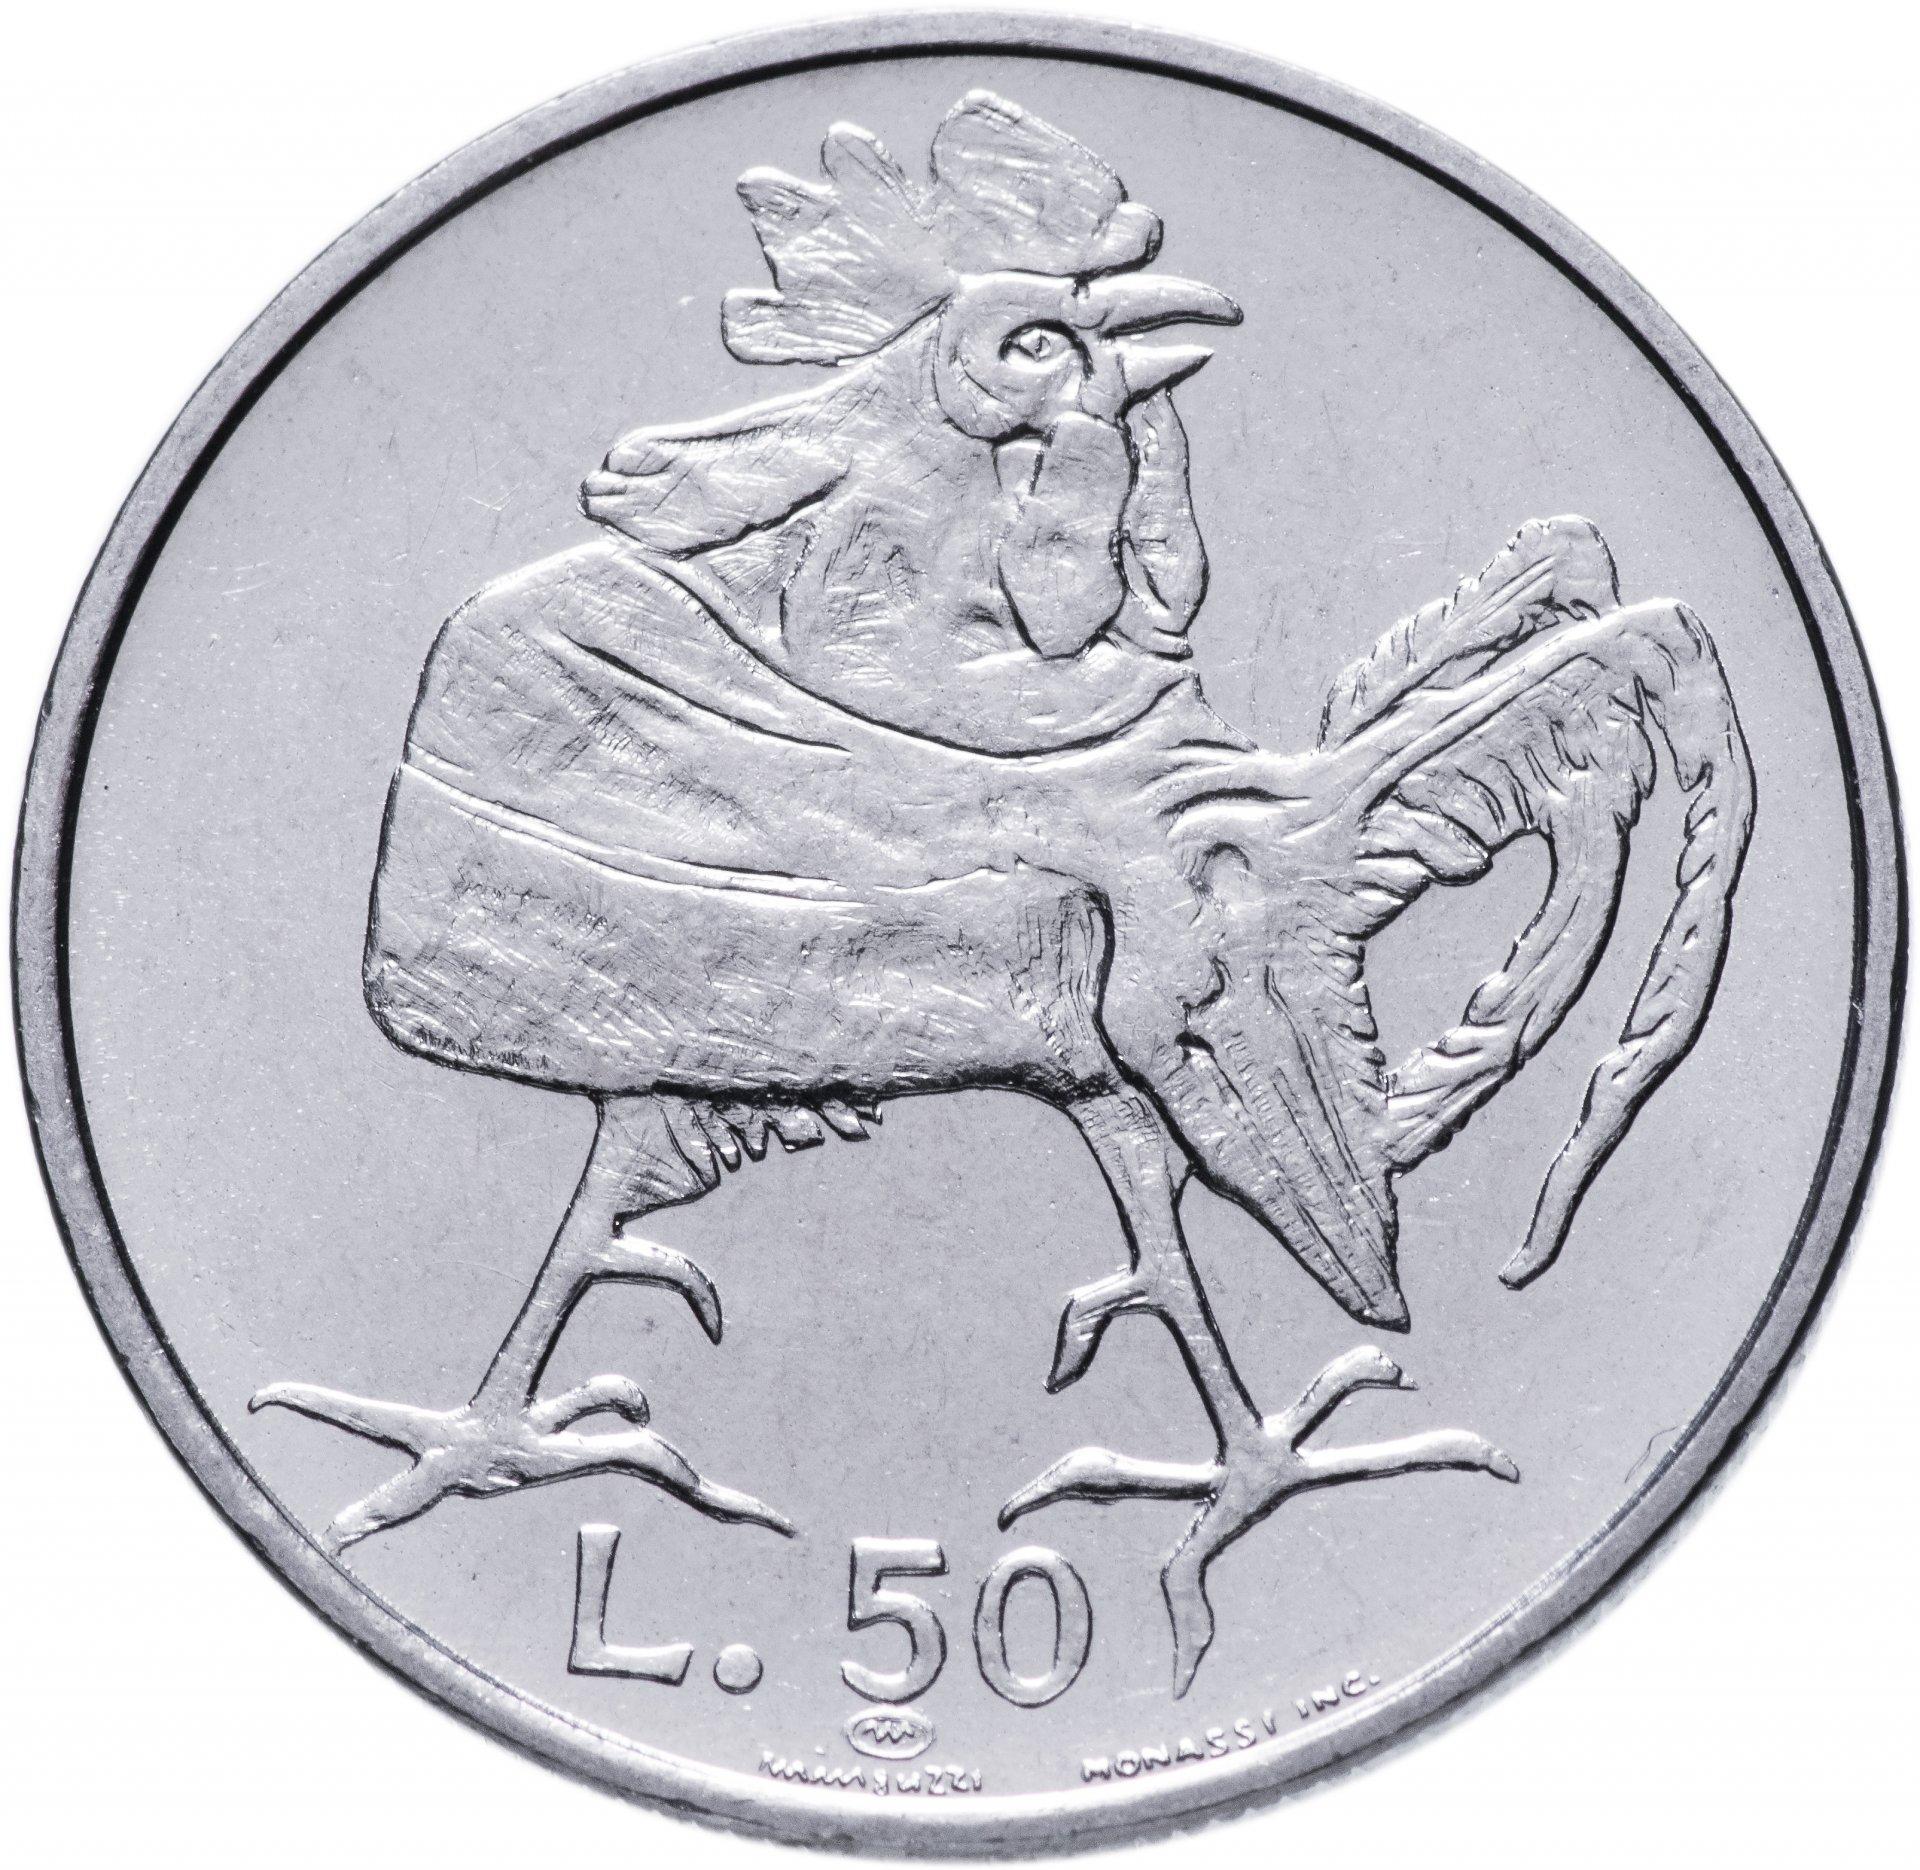 заставляло лучшие монеты мира смотреть порно платье офигенное очень